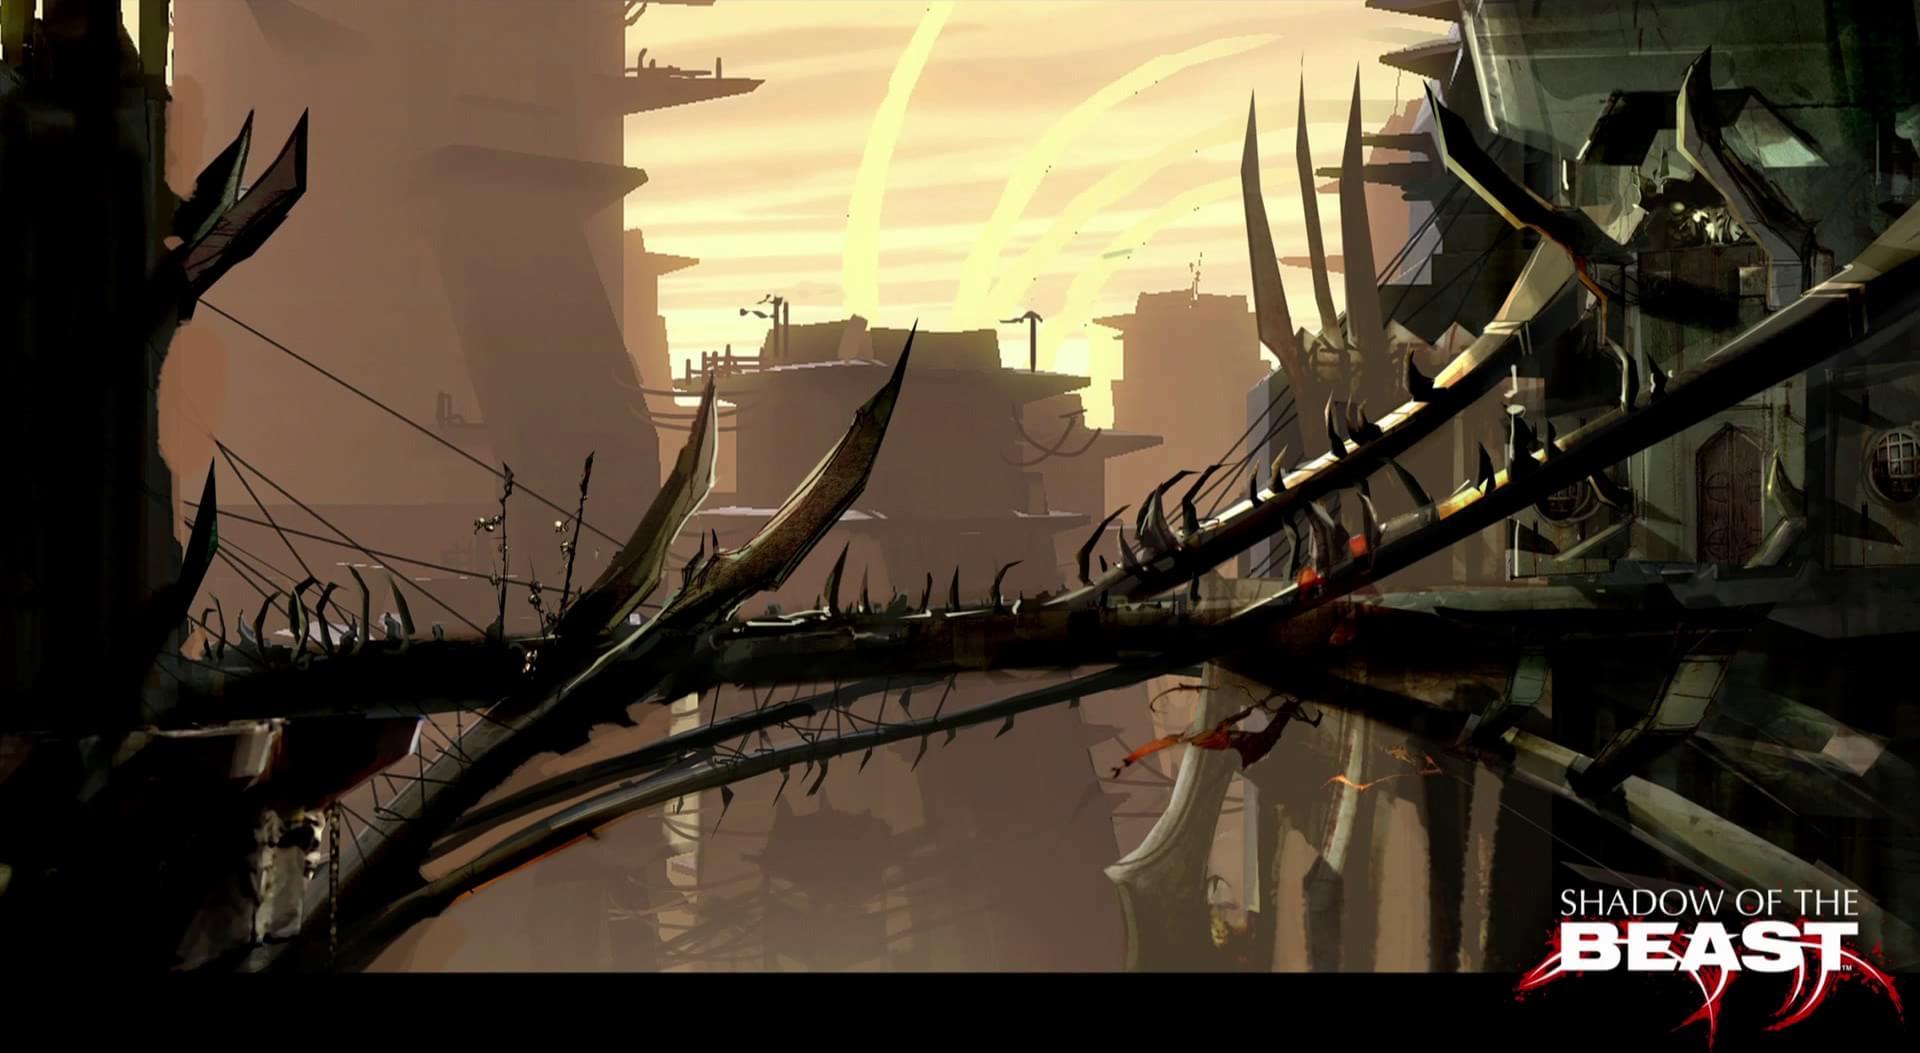 Shadow of the Beast ressurge depois de mais de um ano em silêncio